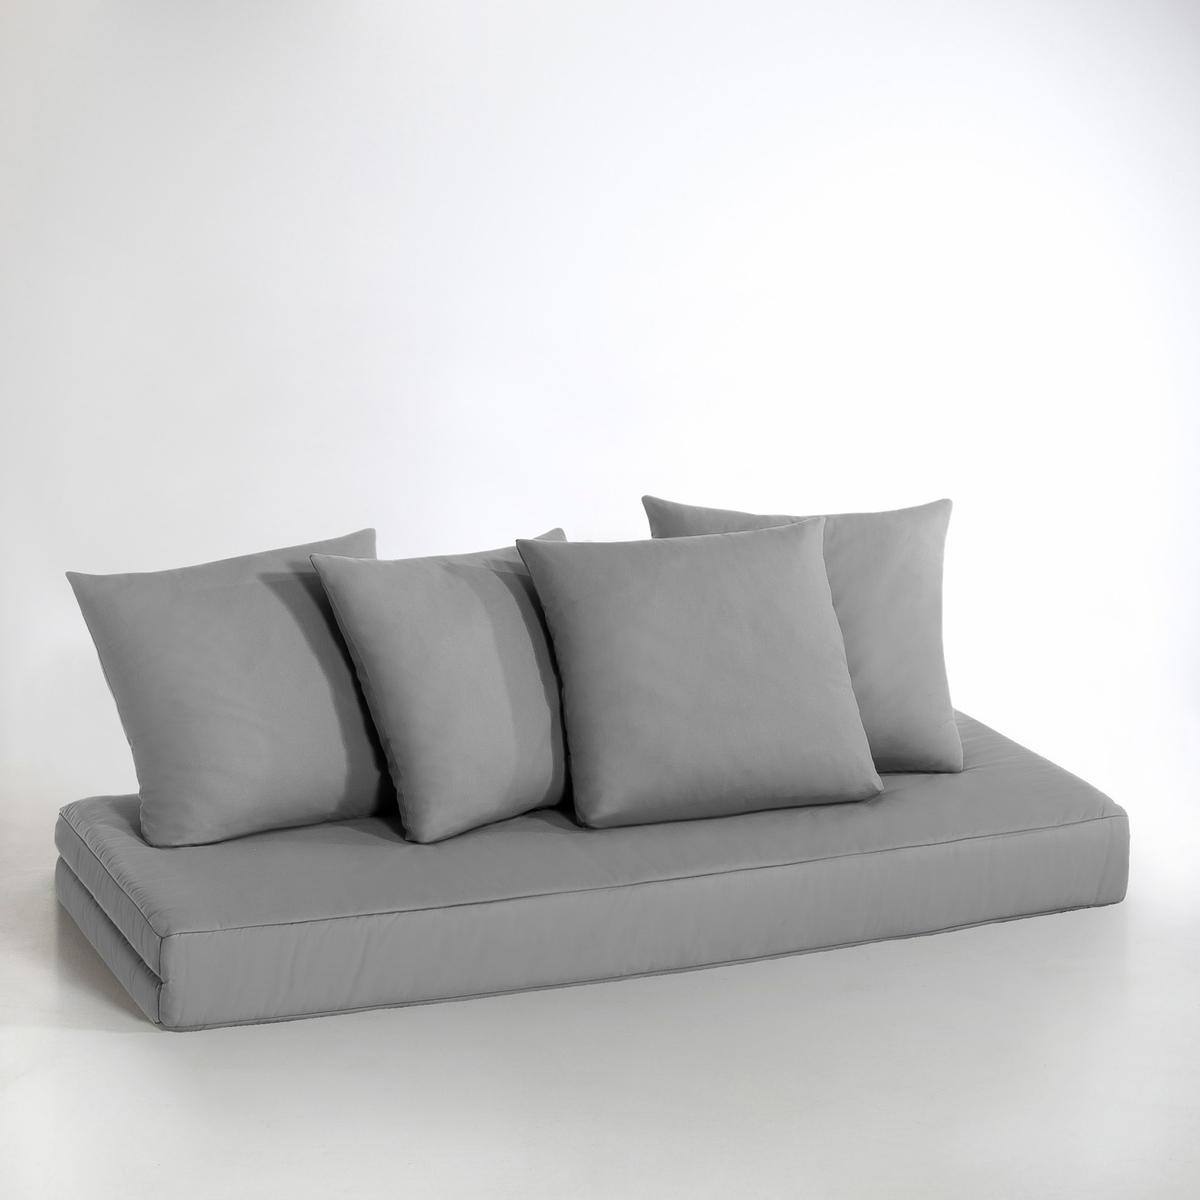 Матрас и подушки для банкетки Giada dl 30подсвечник giada delta